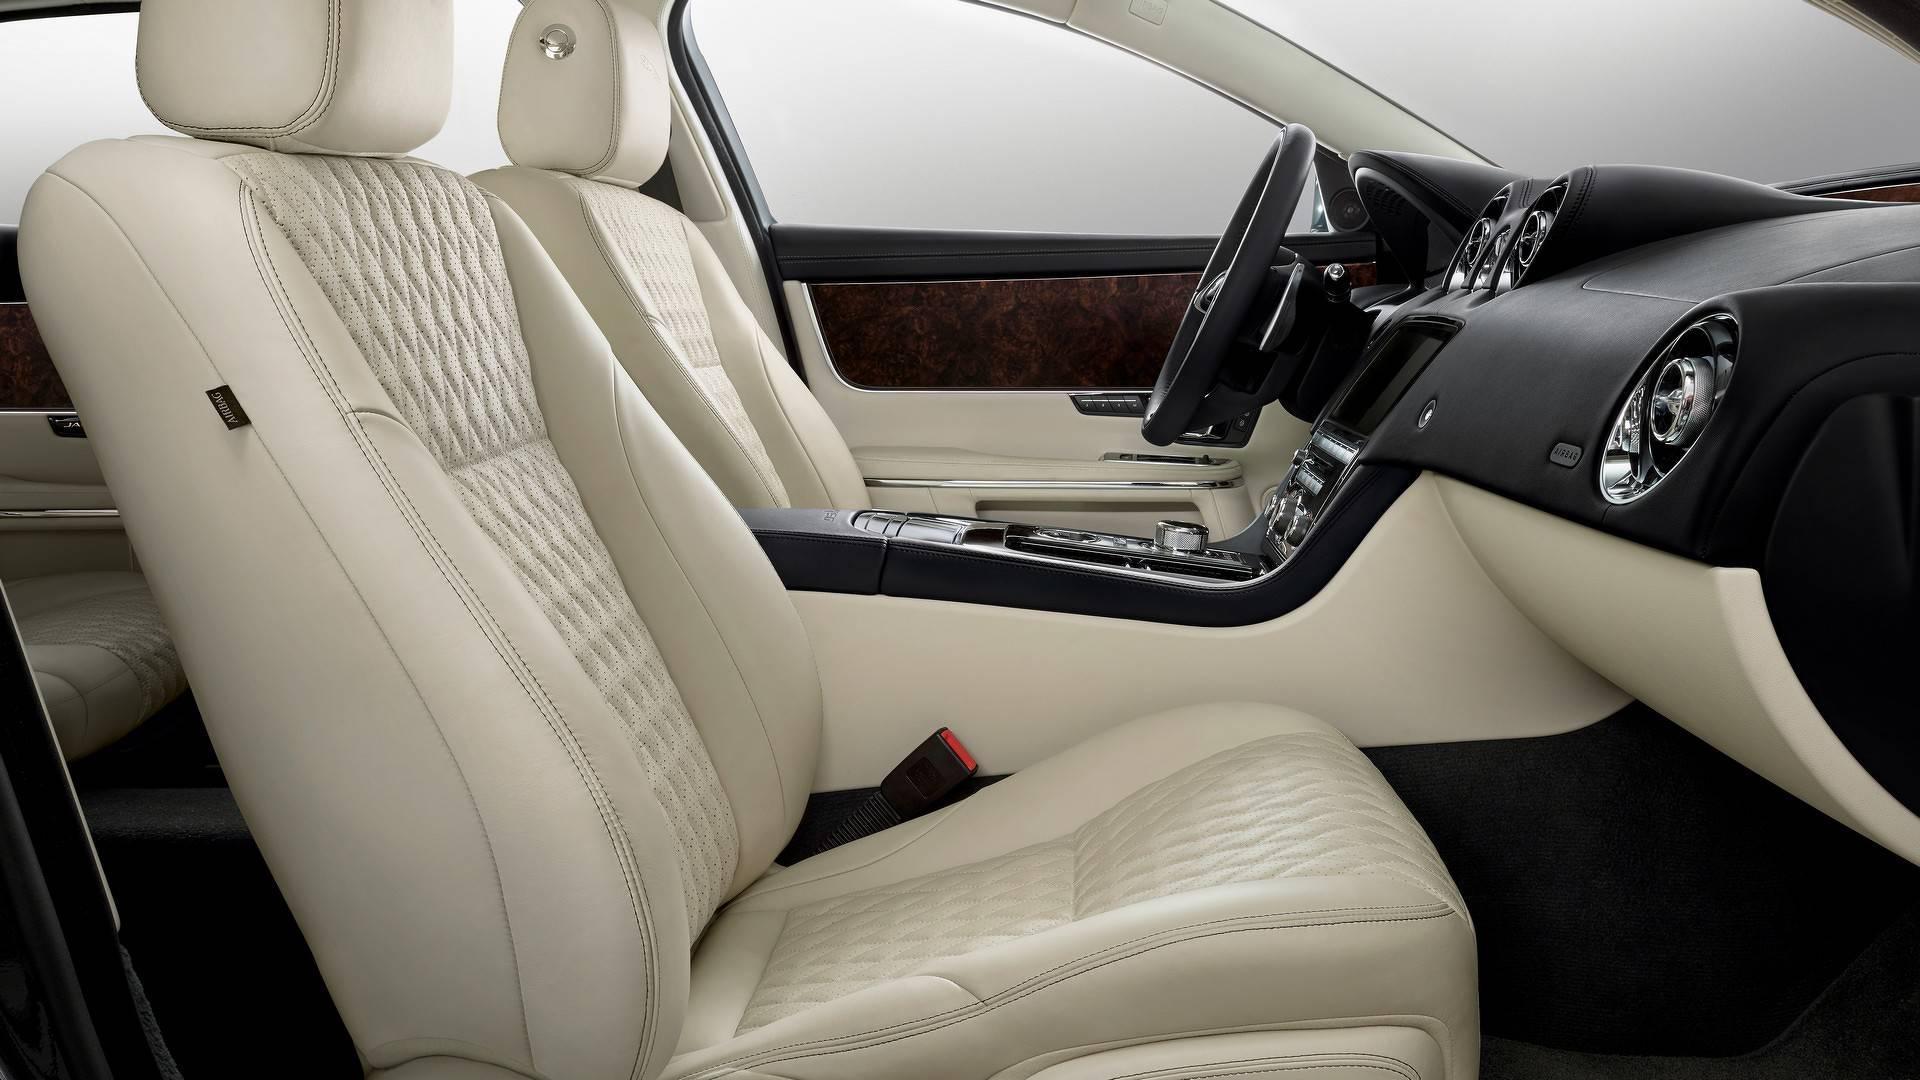 停产还是焕新出发?捷豹XJ推50周年纪念版车型